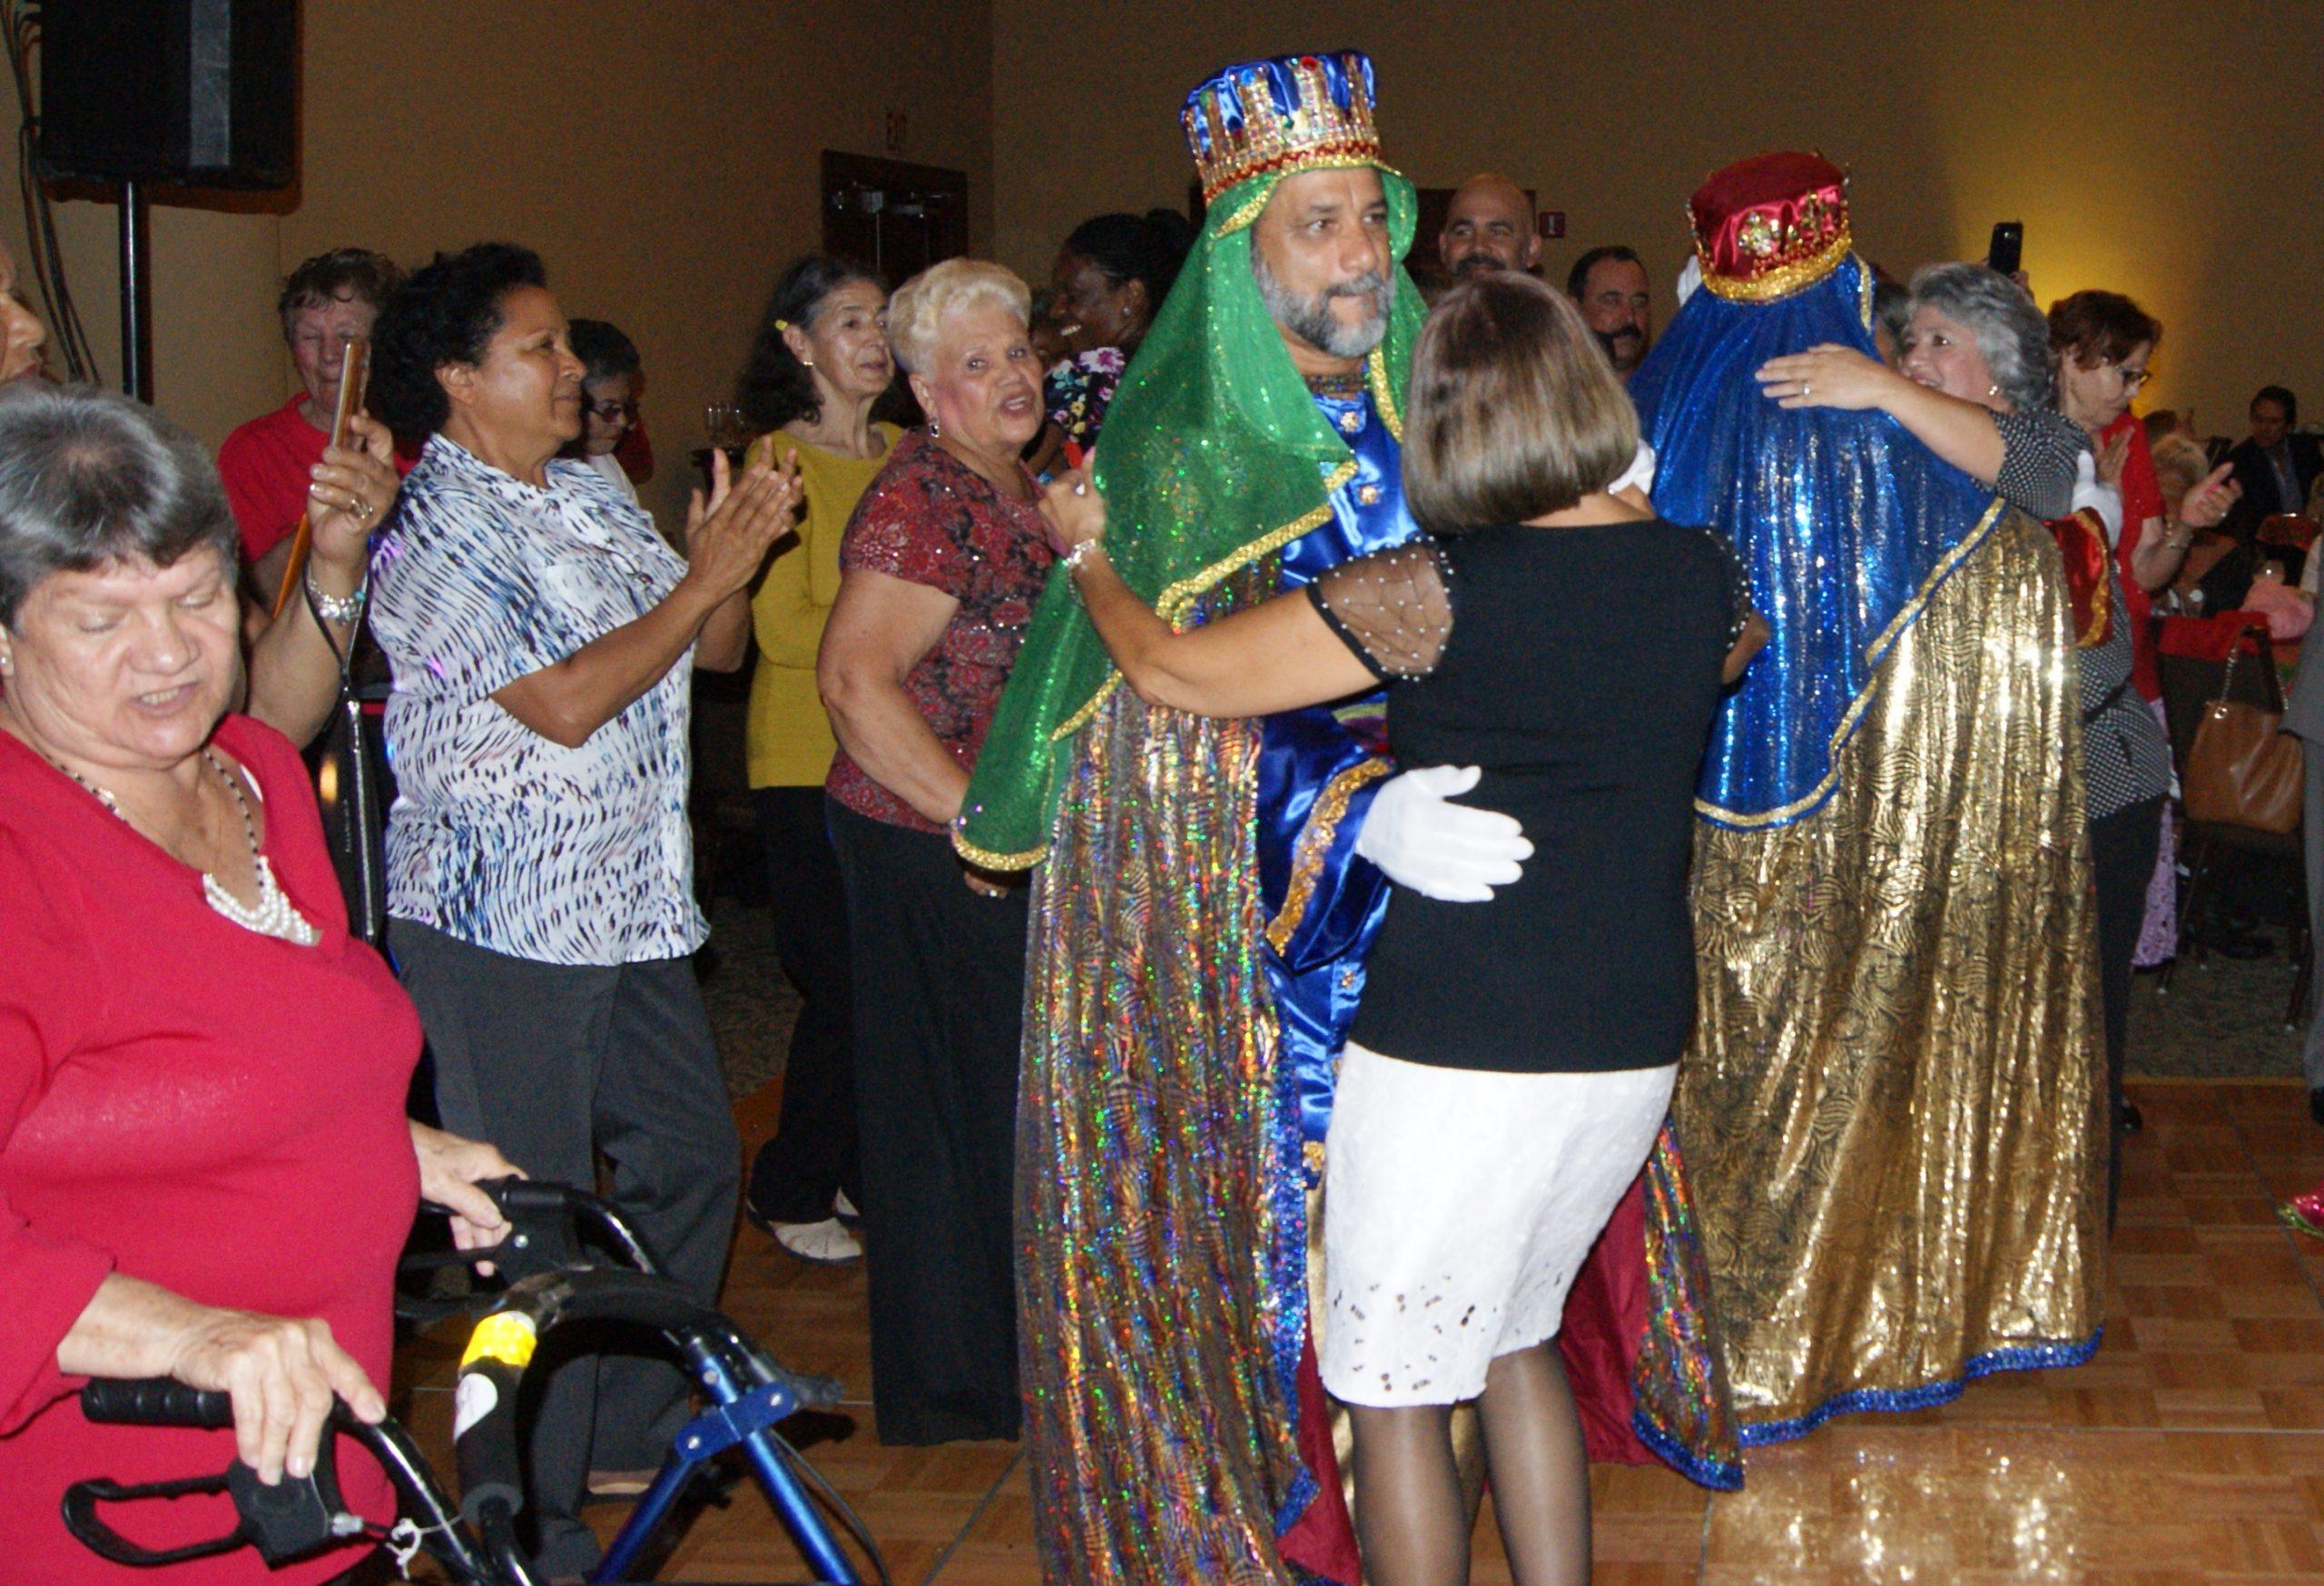 Los Reyes bailaron con las visitantes al repique de la plena. (Foto Luis Ernesto Berríos para Fundación Nacional para la Cultura Popular)